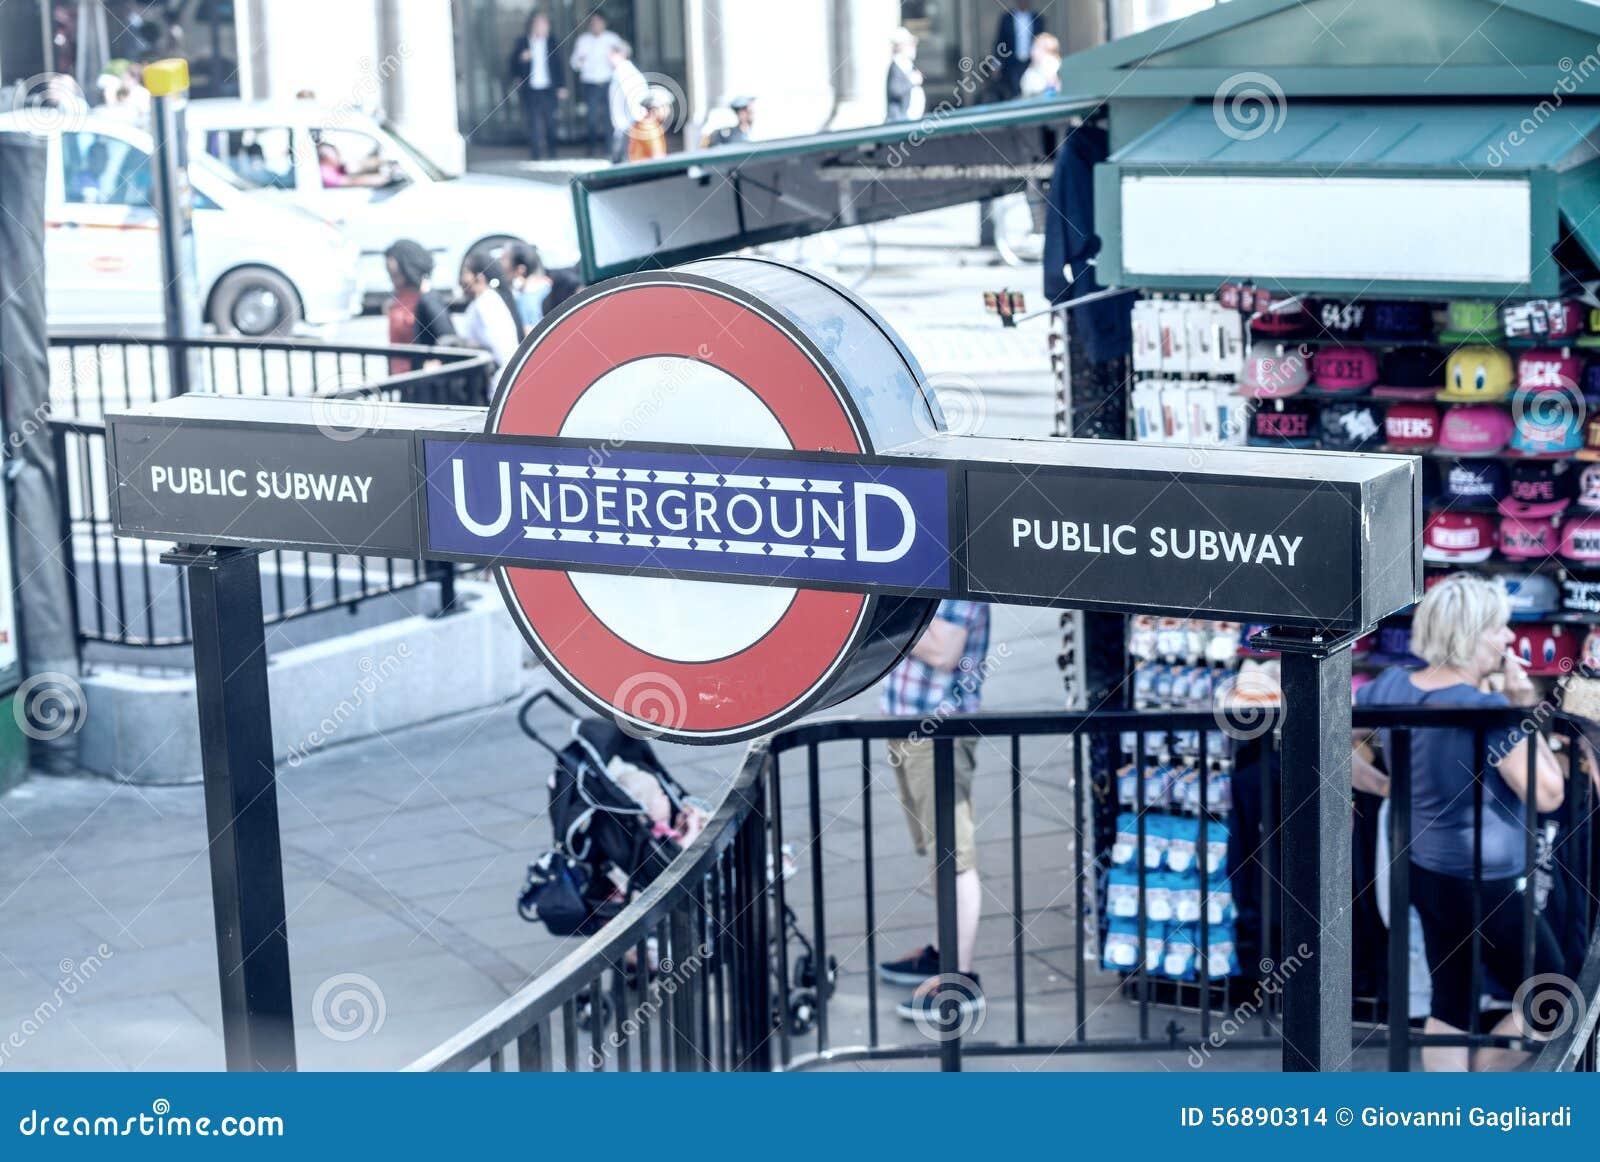 LONDRA - 13 GIUGNO: Entrata della stazione della metropolitana di Londra il 13 giugno,